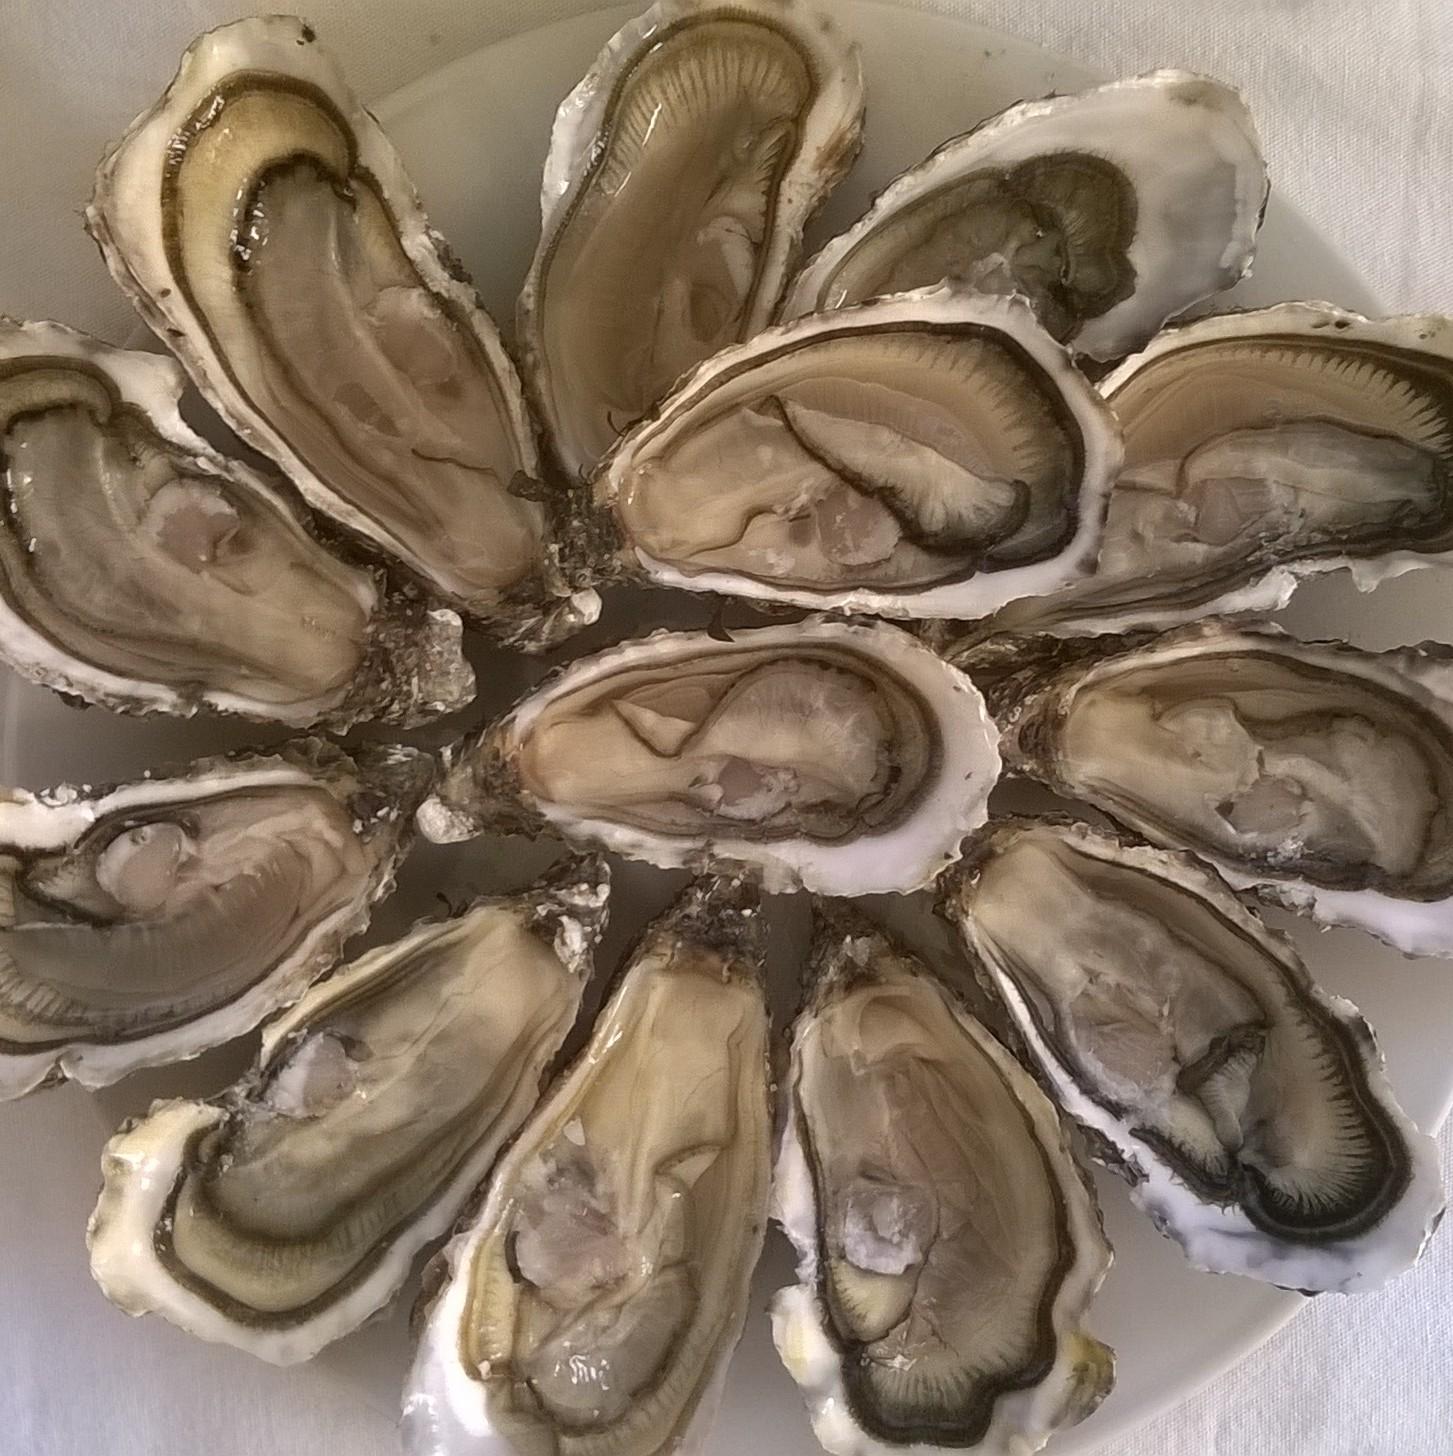 45 jours sans huîtres, ça mérite bien un dessert.